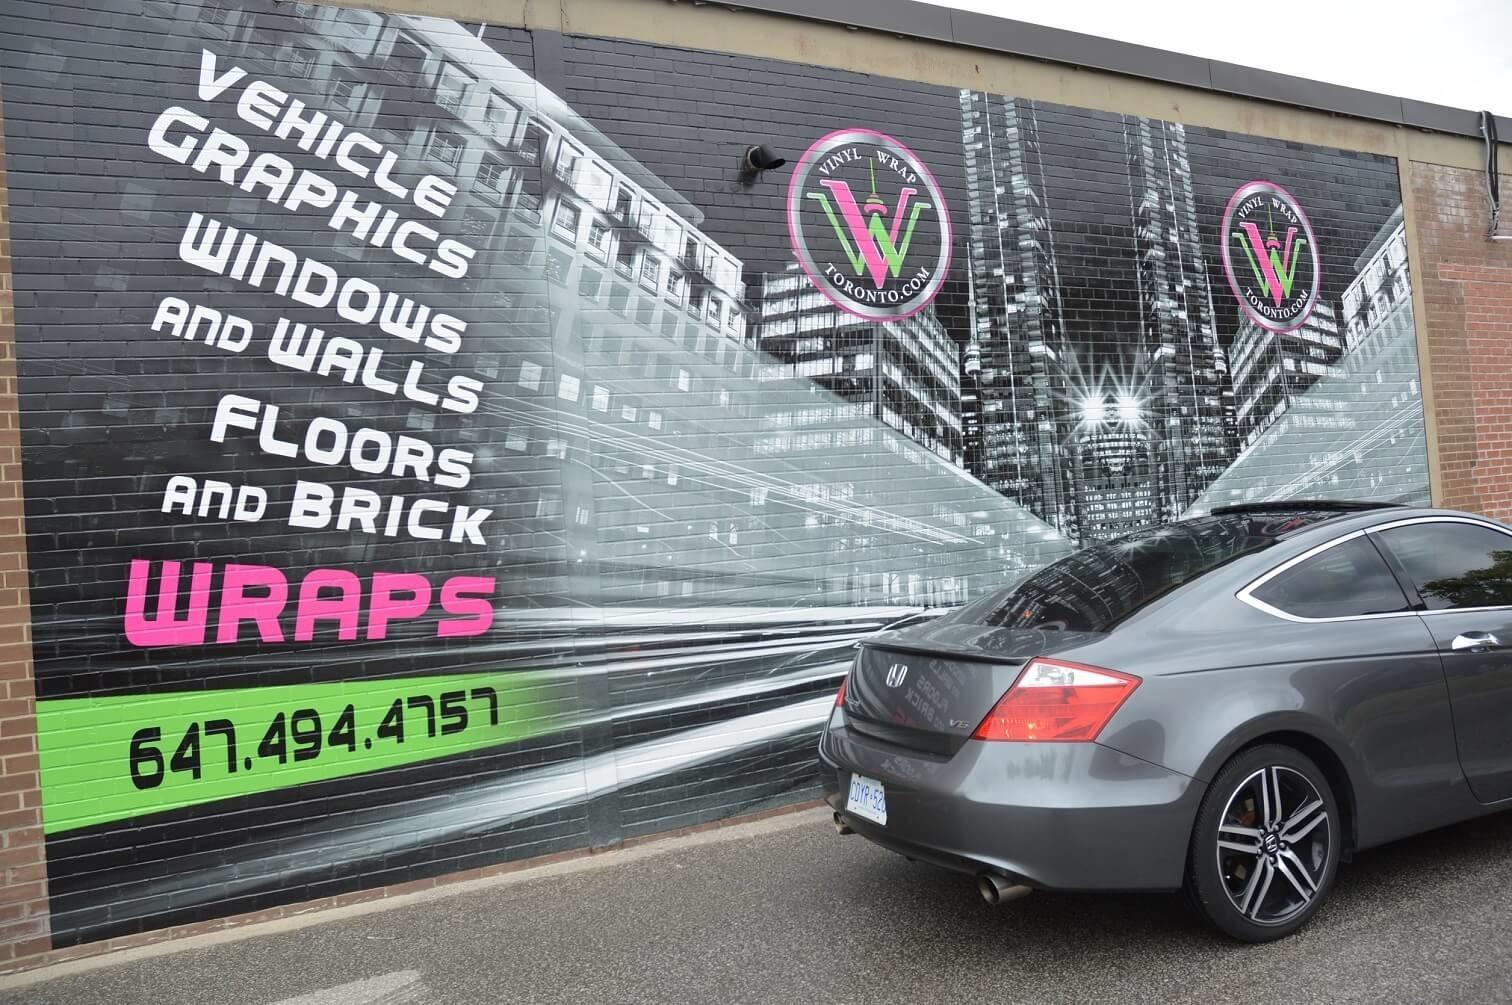 Wall Wrap Toronto - Best Wall Wrap in Etobicoke.